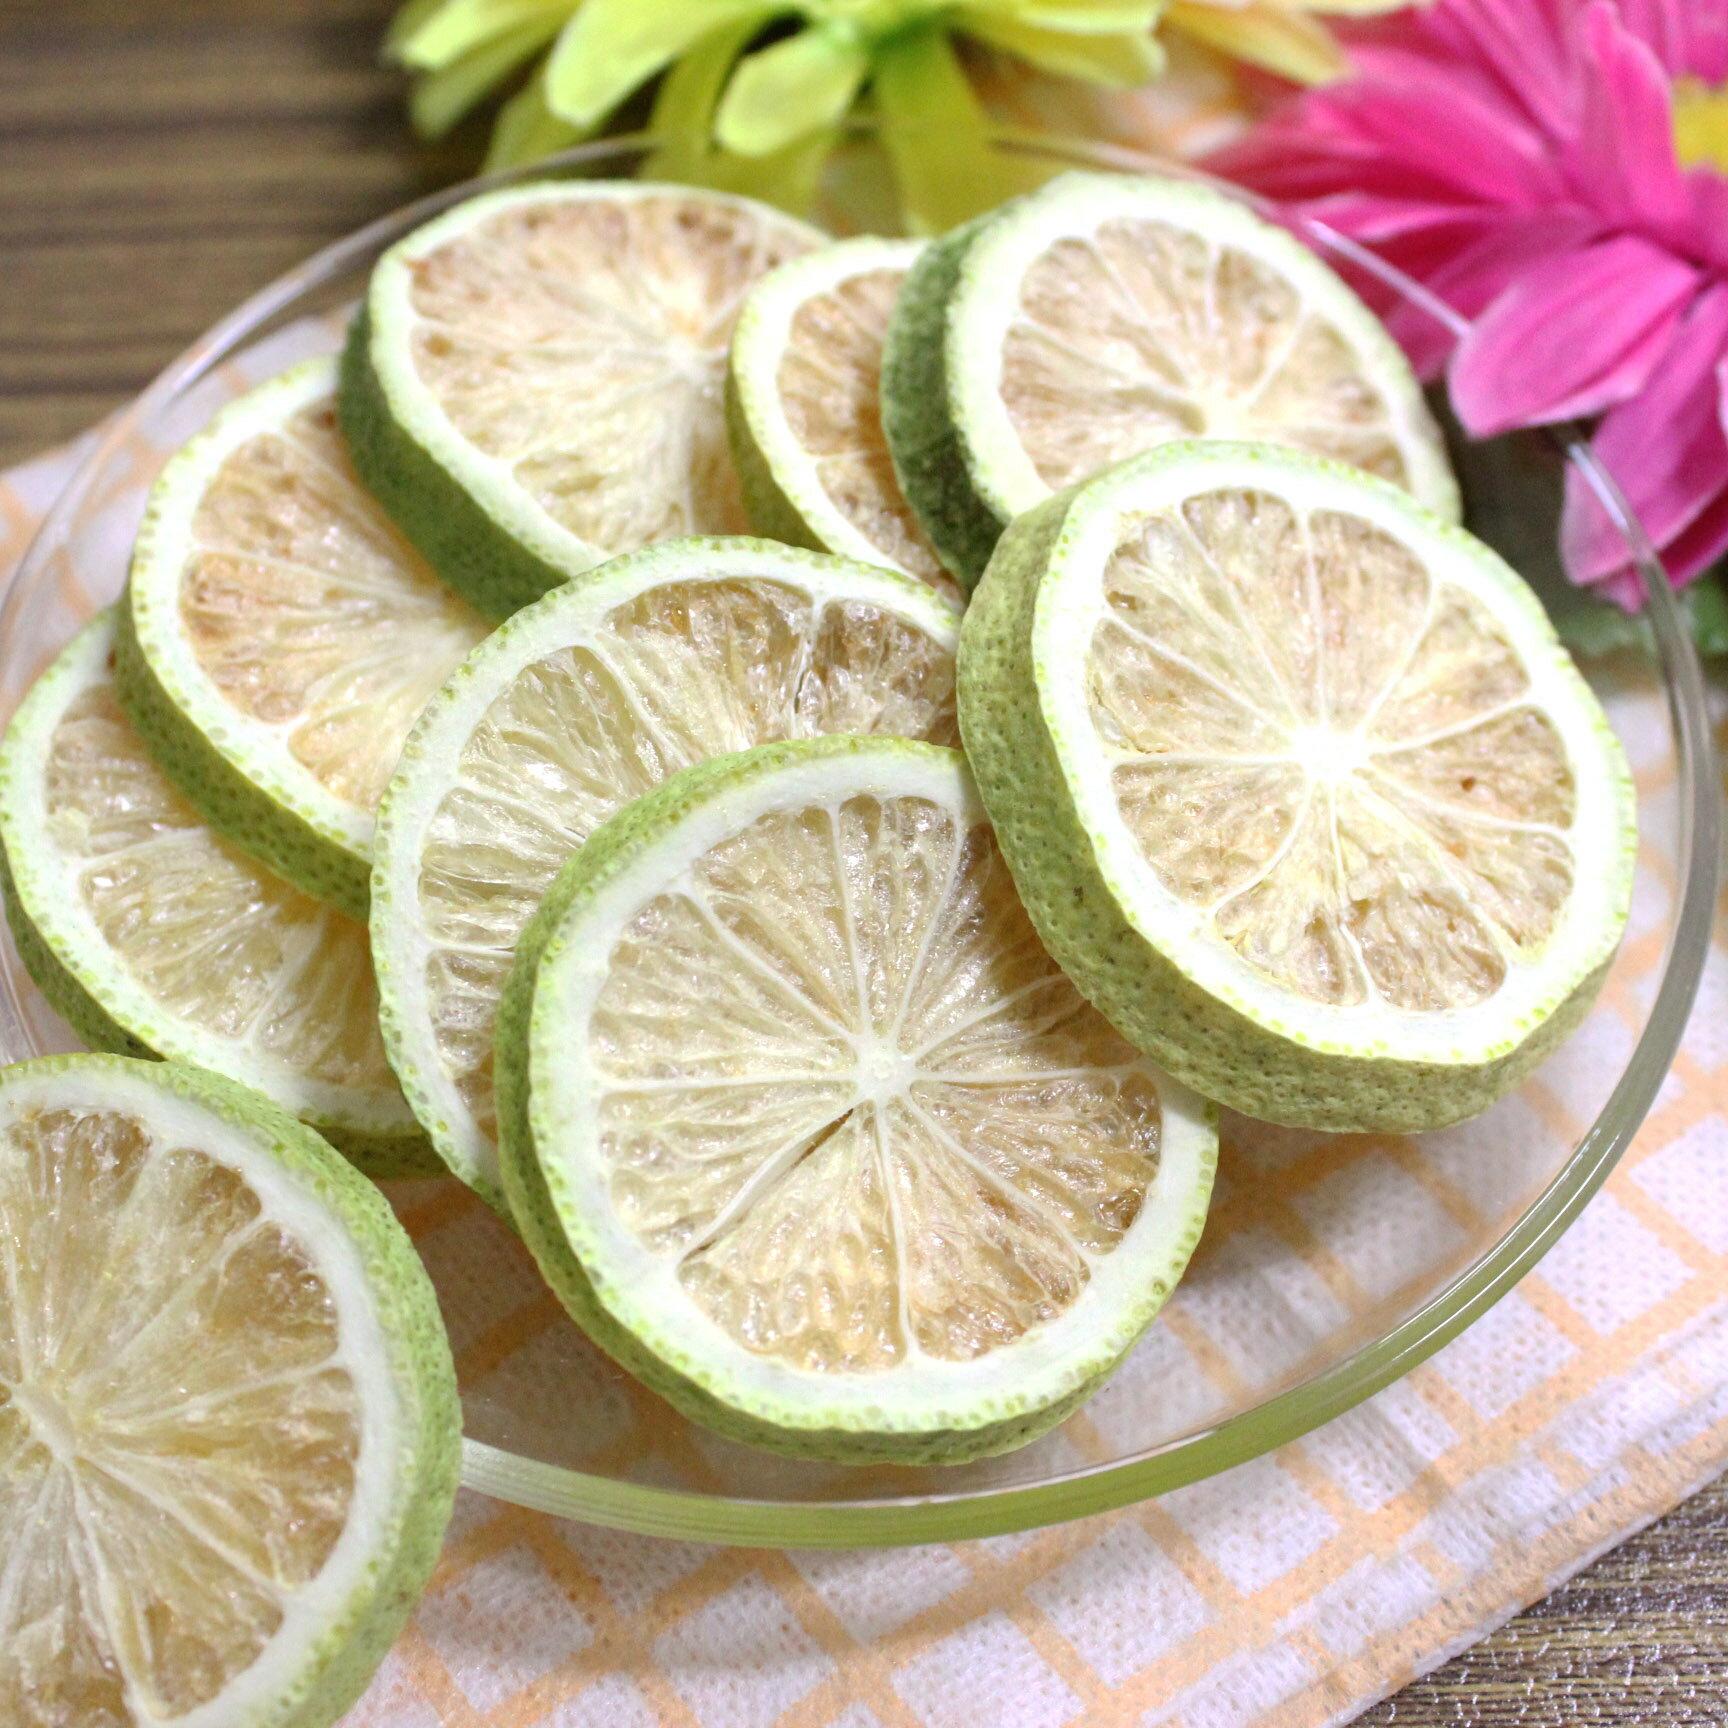 屏東高樹鄉的檸檬片30克